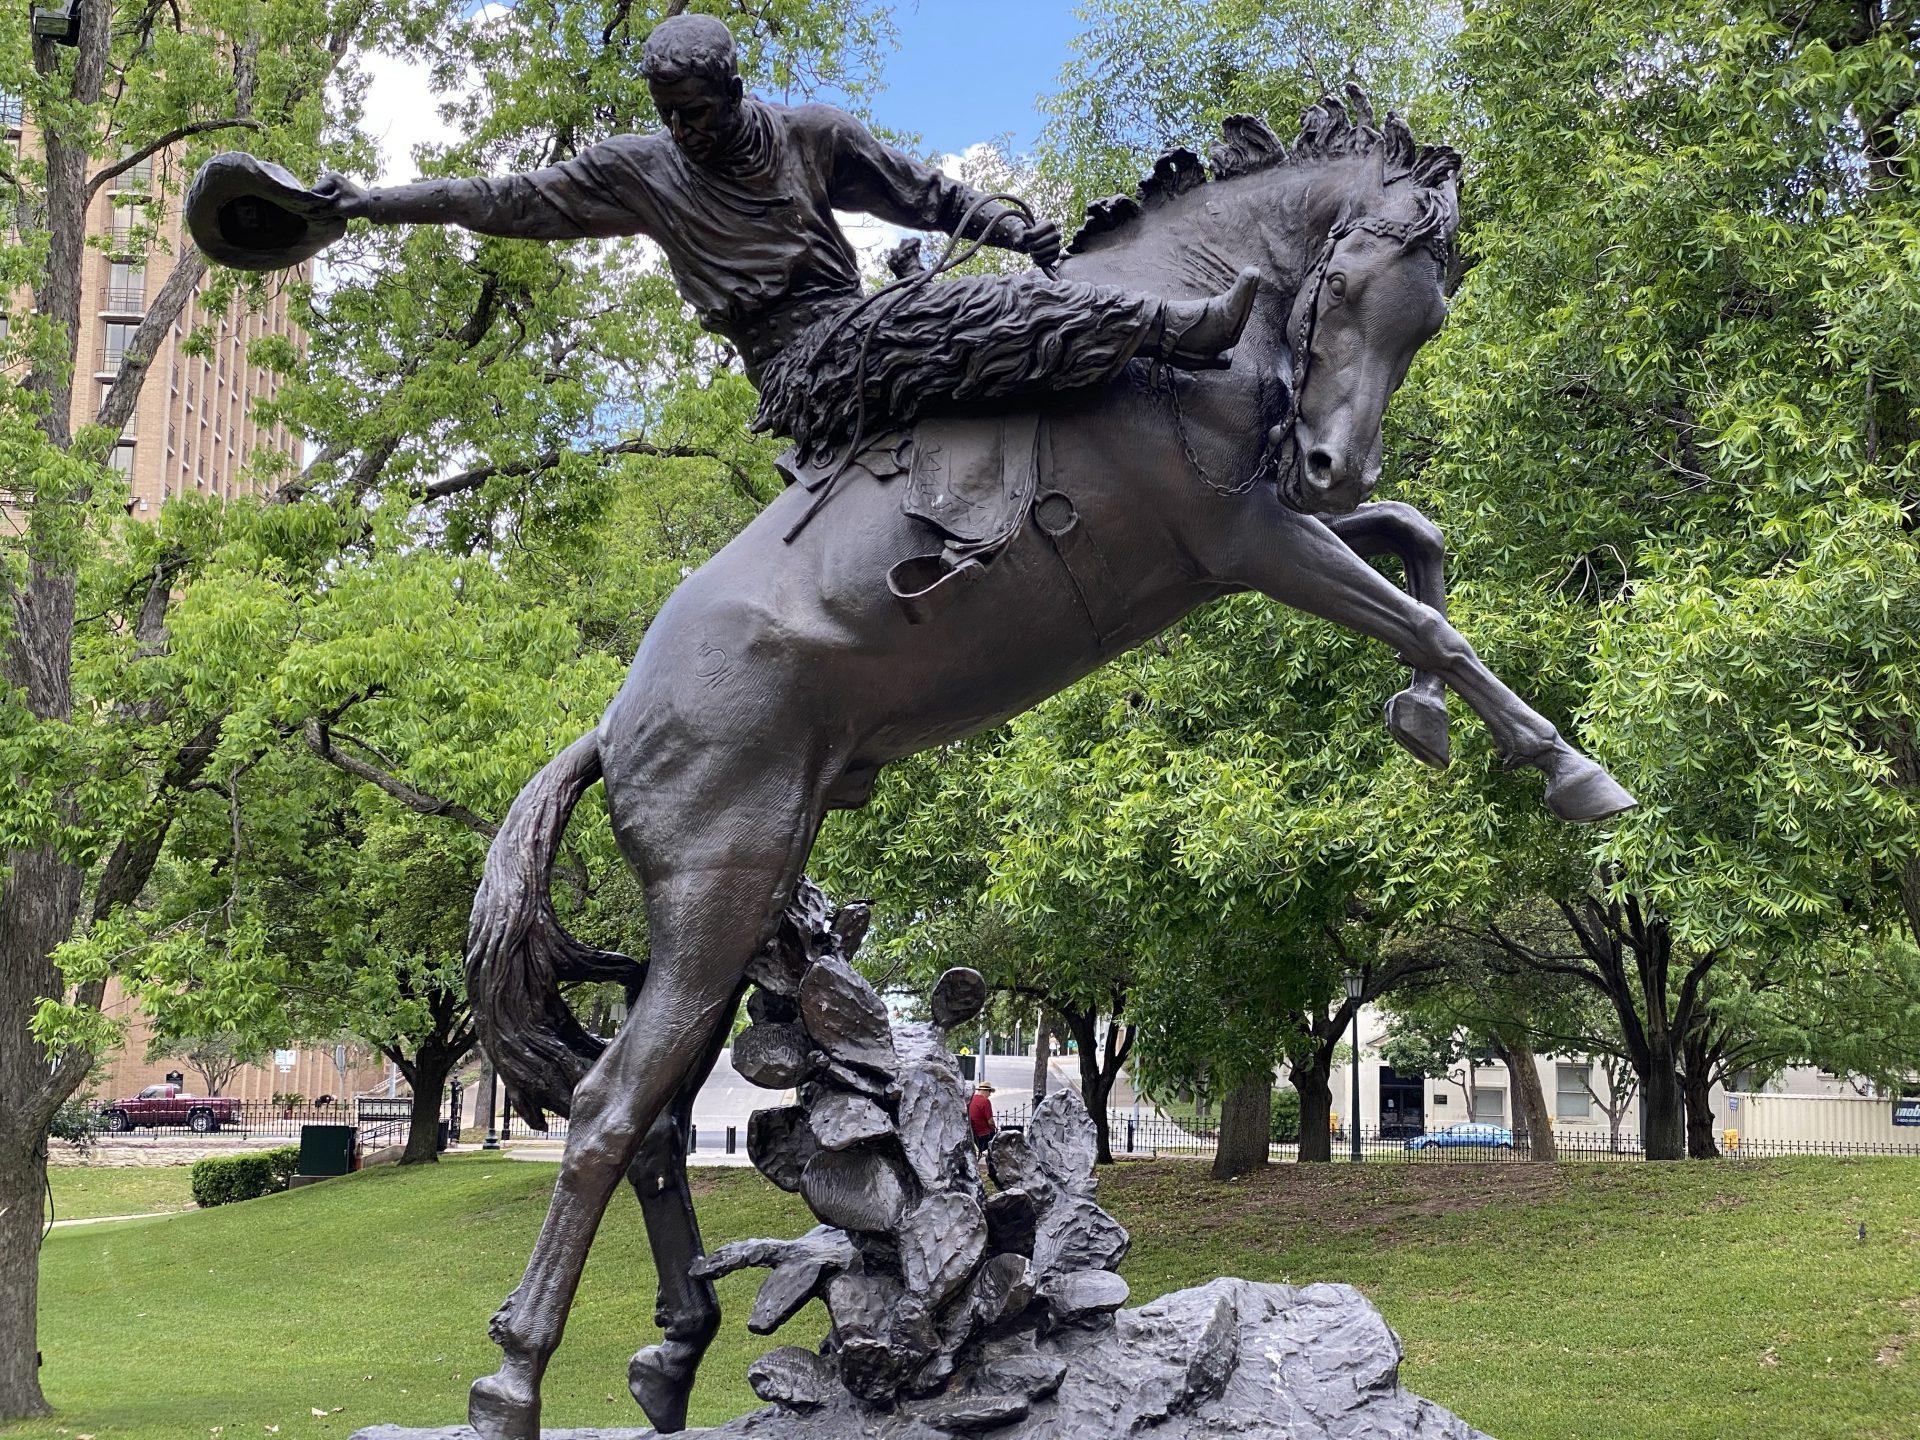 Cowboy sculpture at Texas Capitol